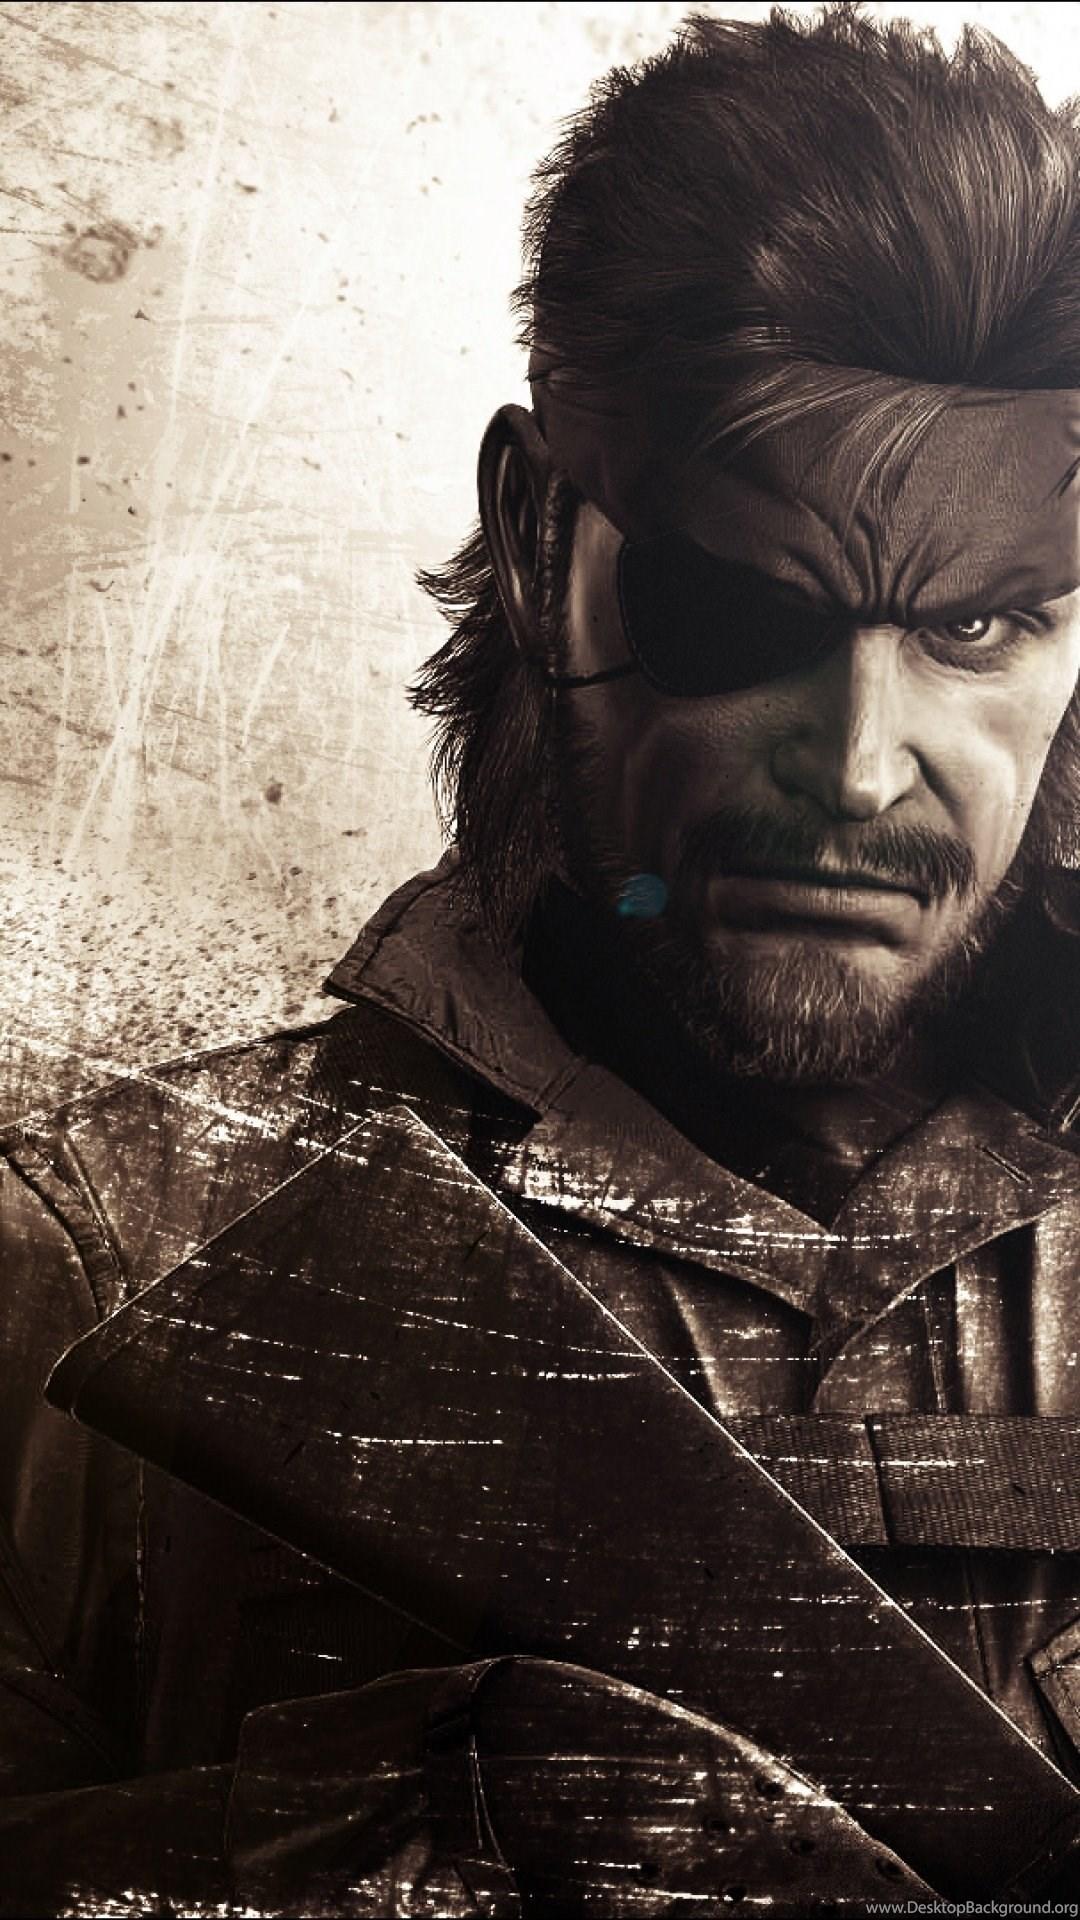 Metal Gear Solid Iphone Wallpapers Desktop Background